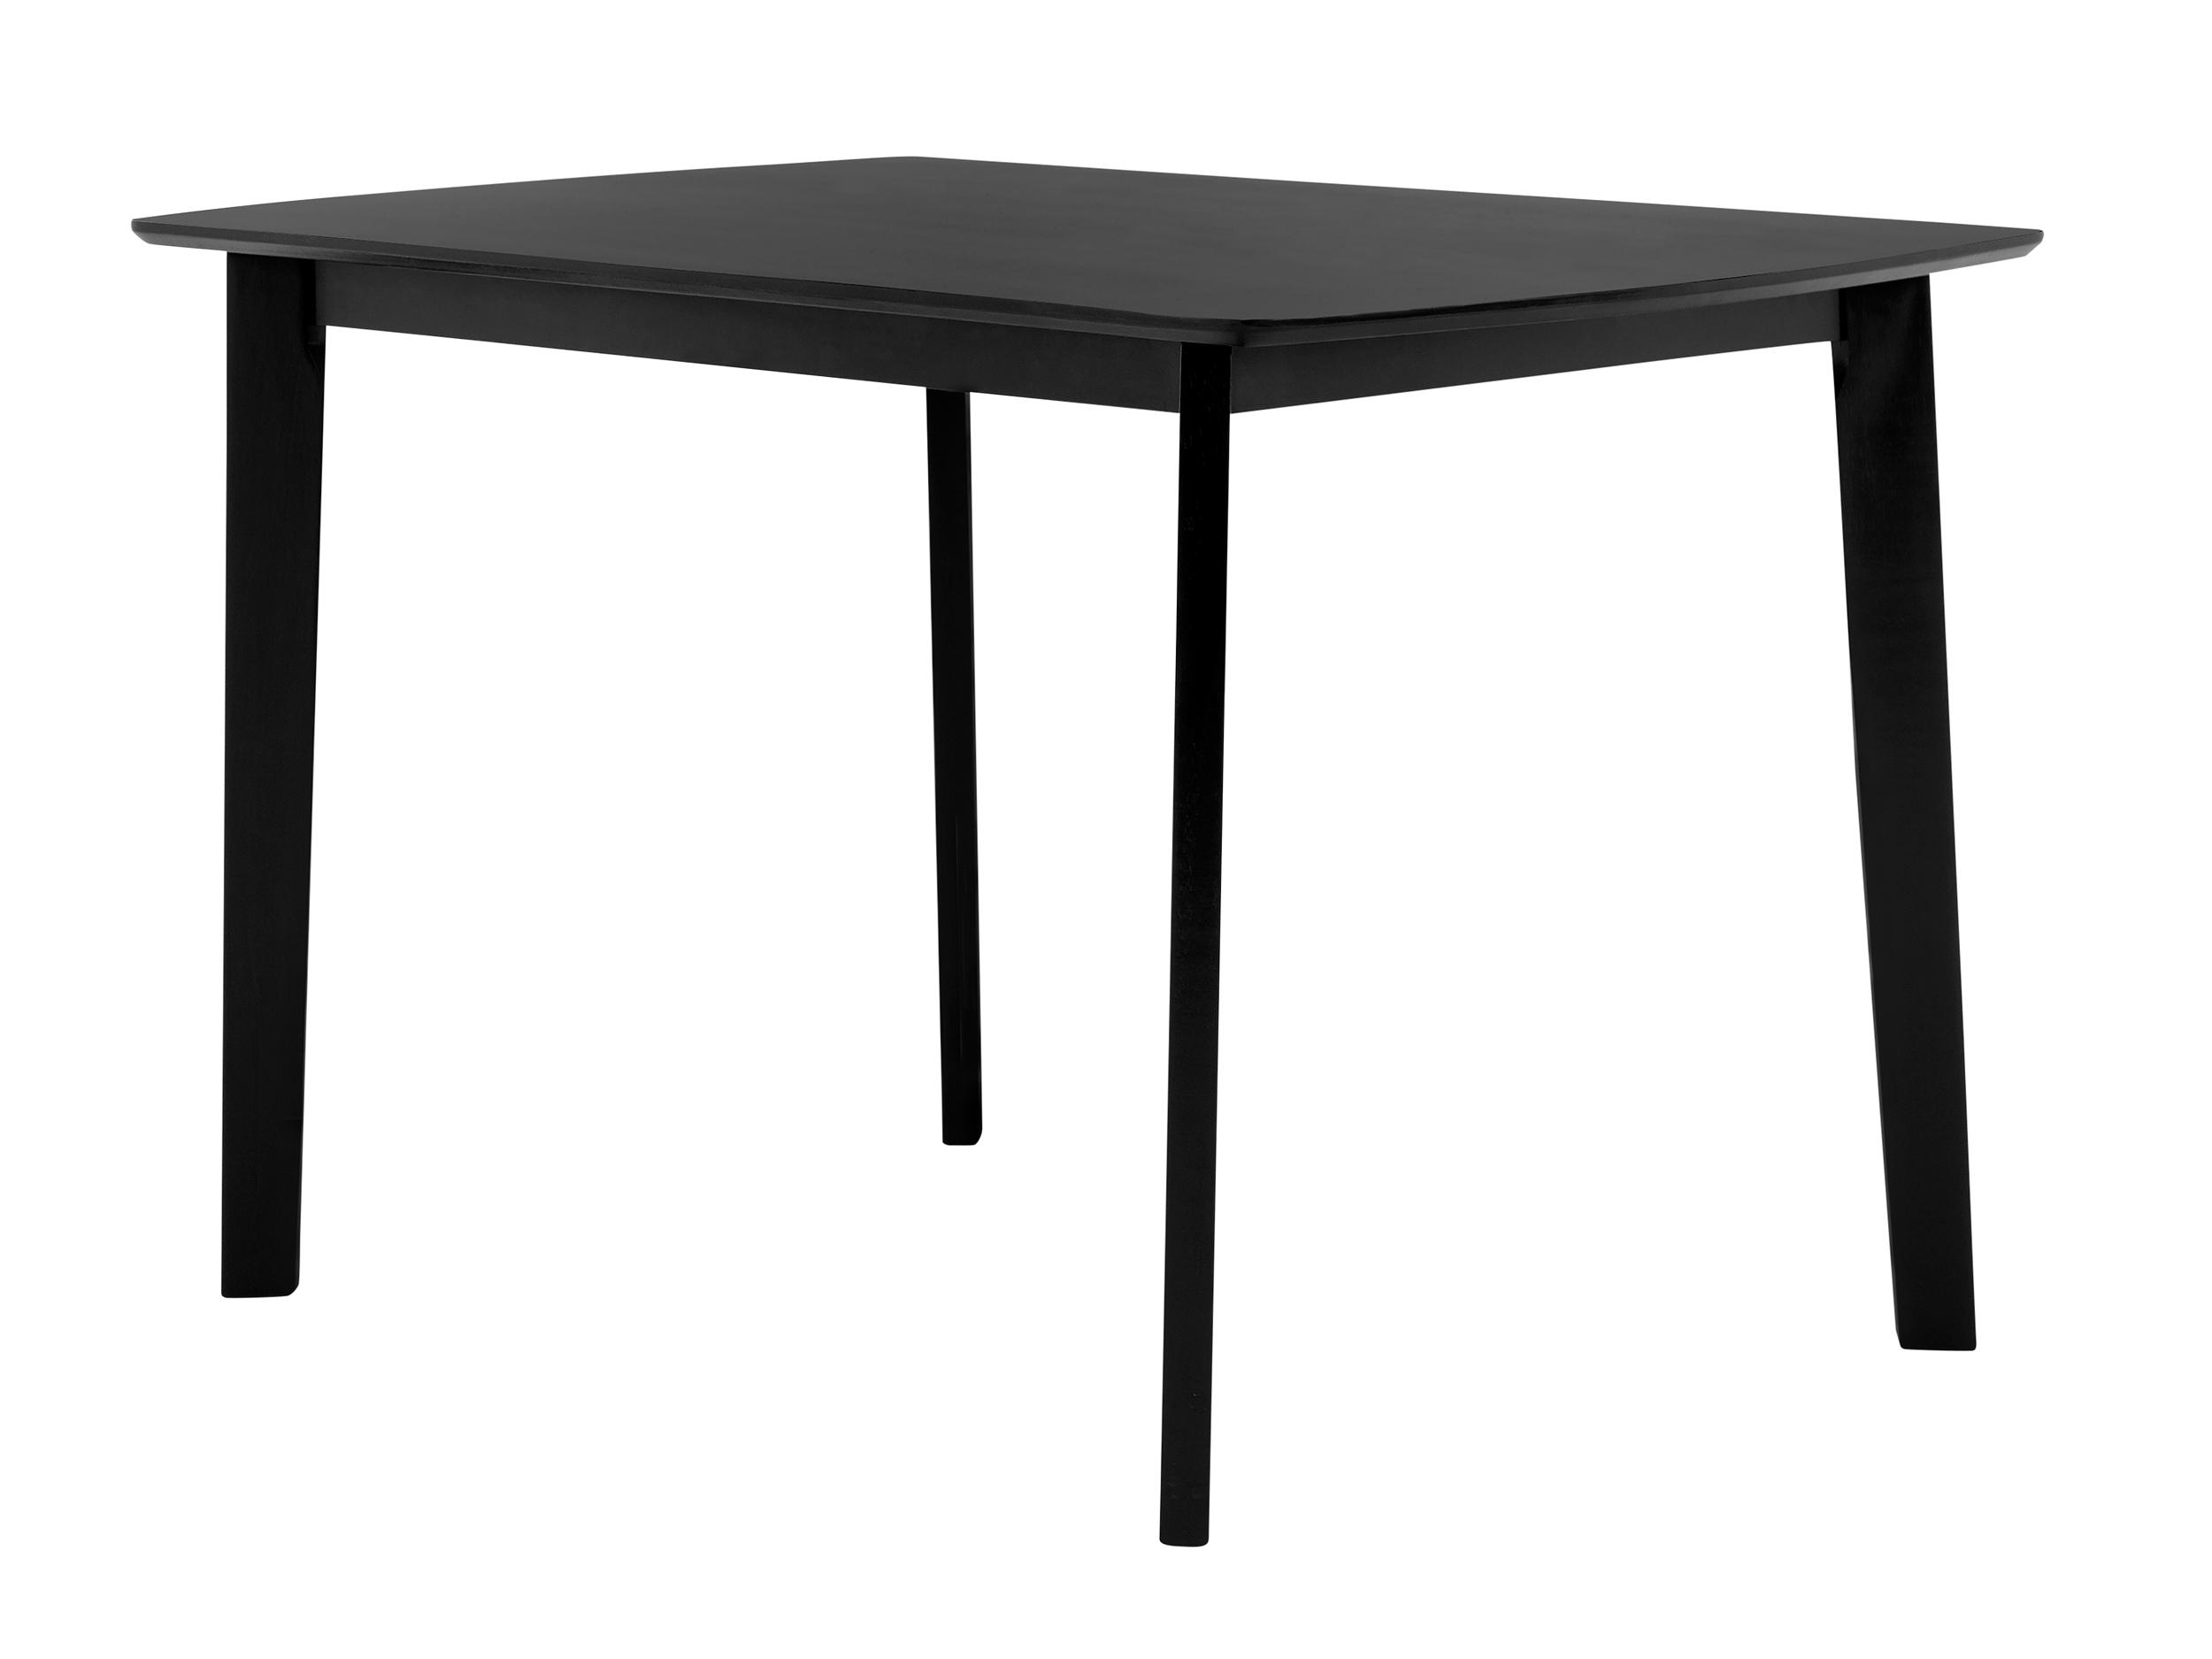 Svart Koksbord : Letar du svart koksbordo Stort sortiment av svarta matbord